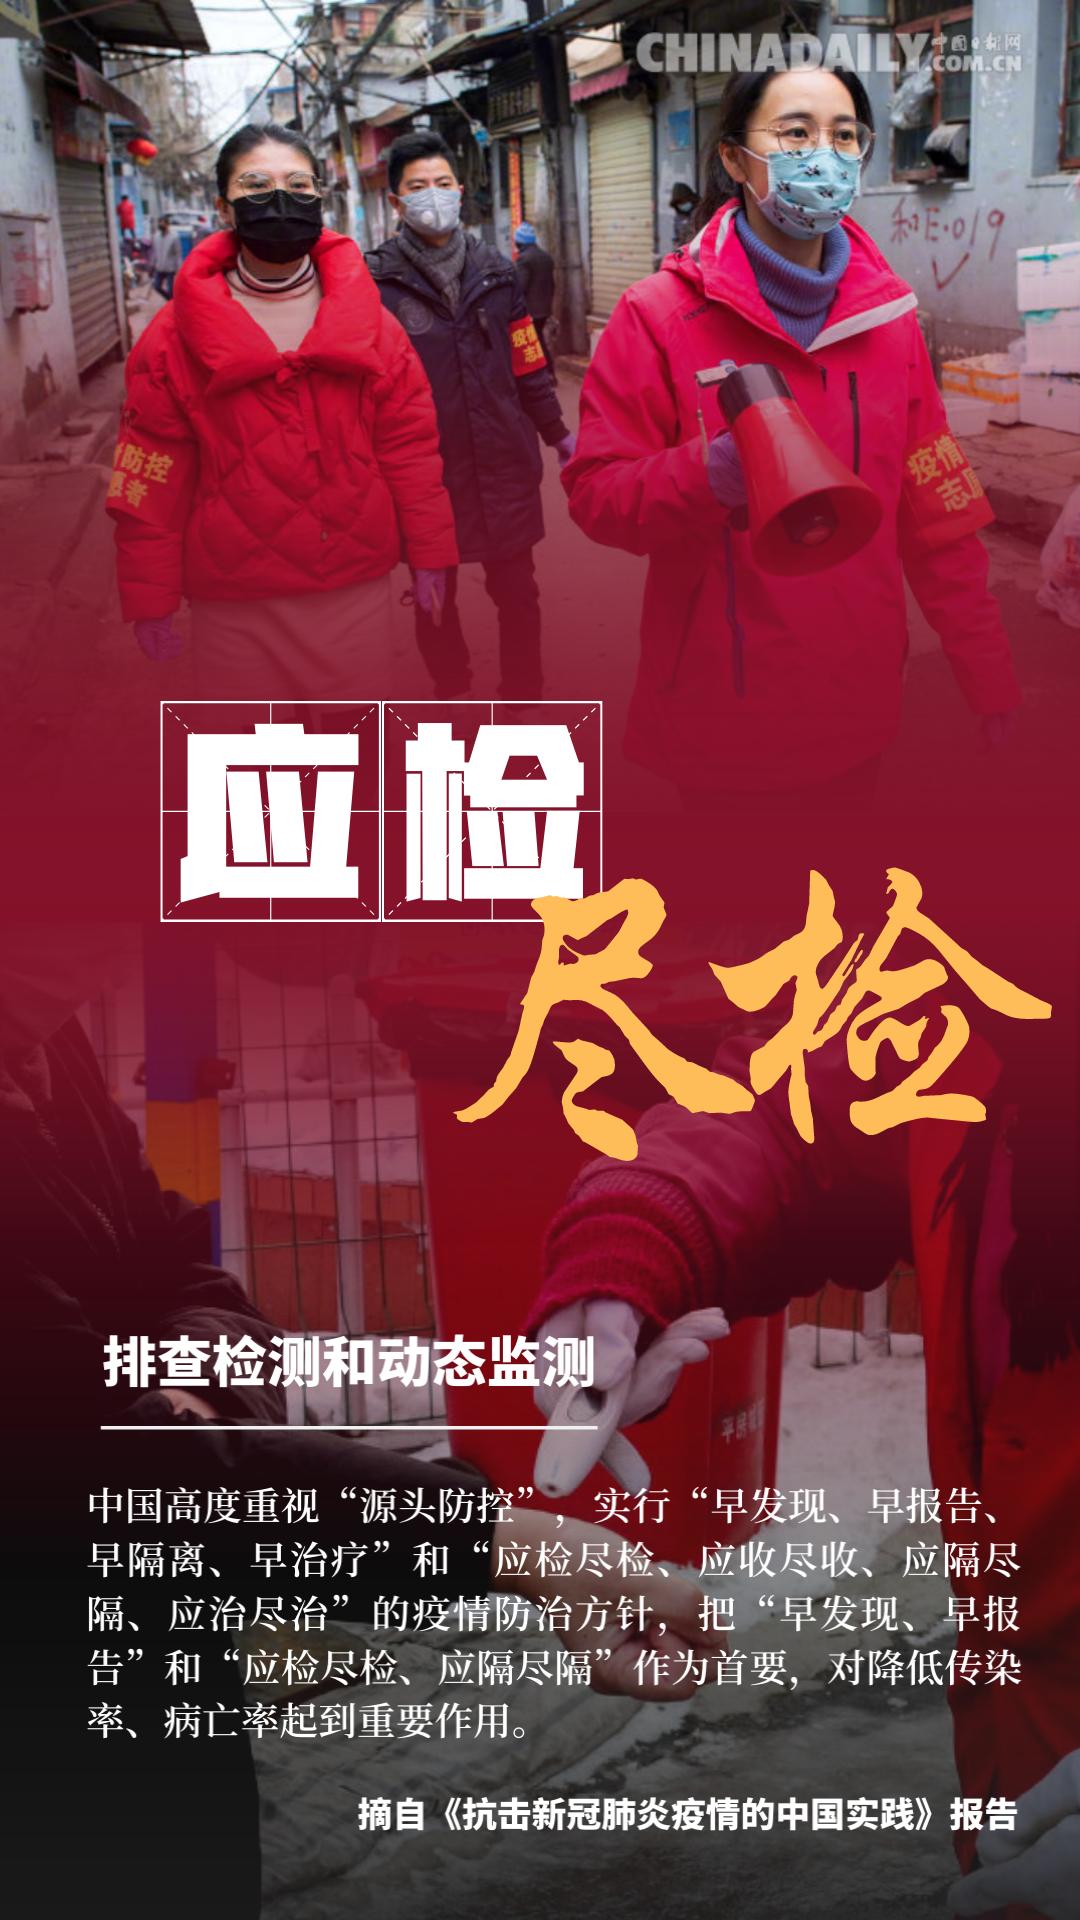 社会实践报告_海报 抗击新冠肺炎疫情的中国实践 - 中国日报网